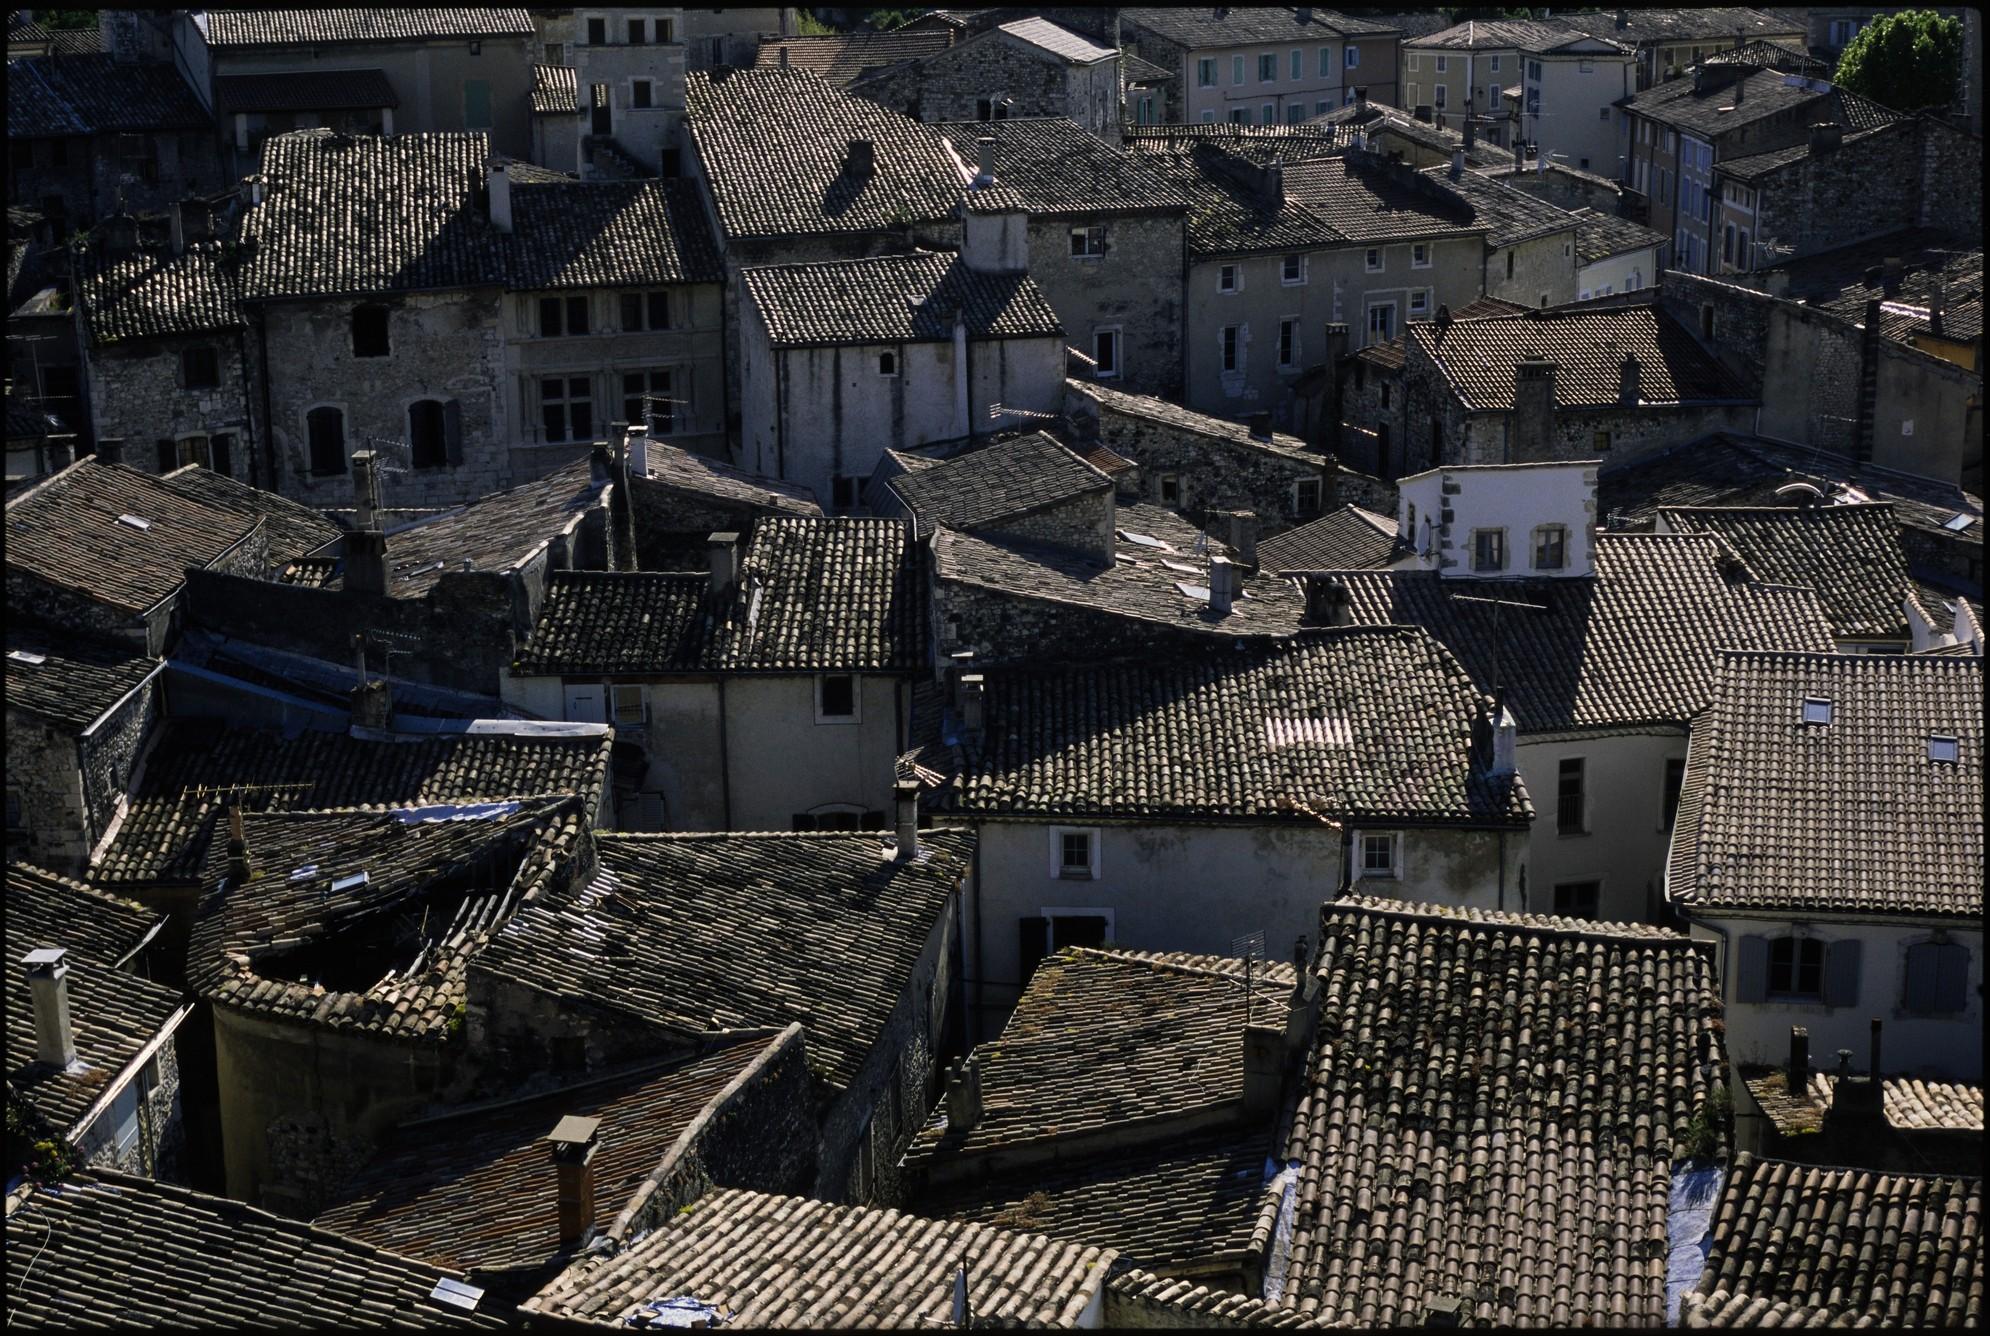 Frankreich - Gassen und Dächer